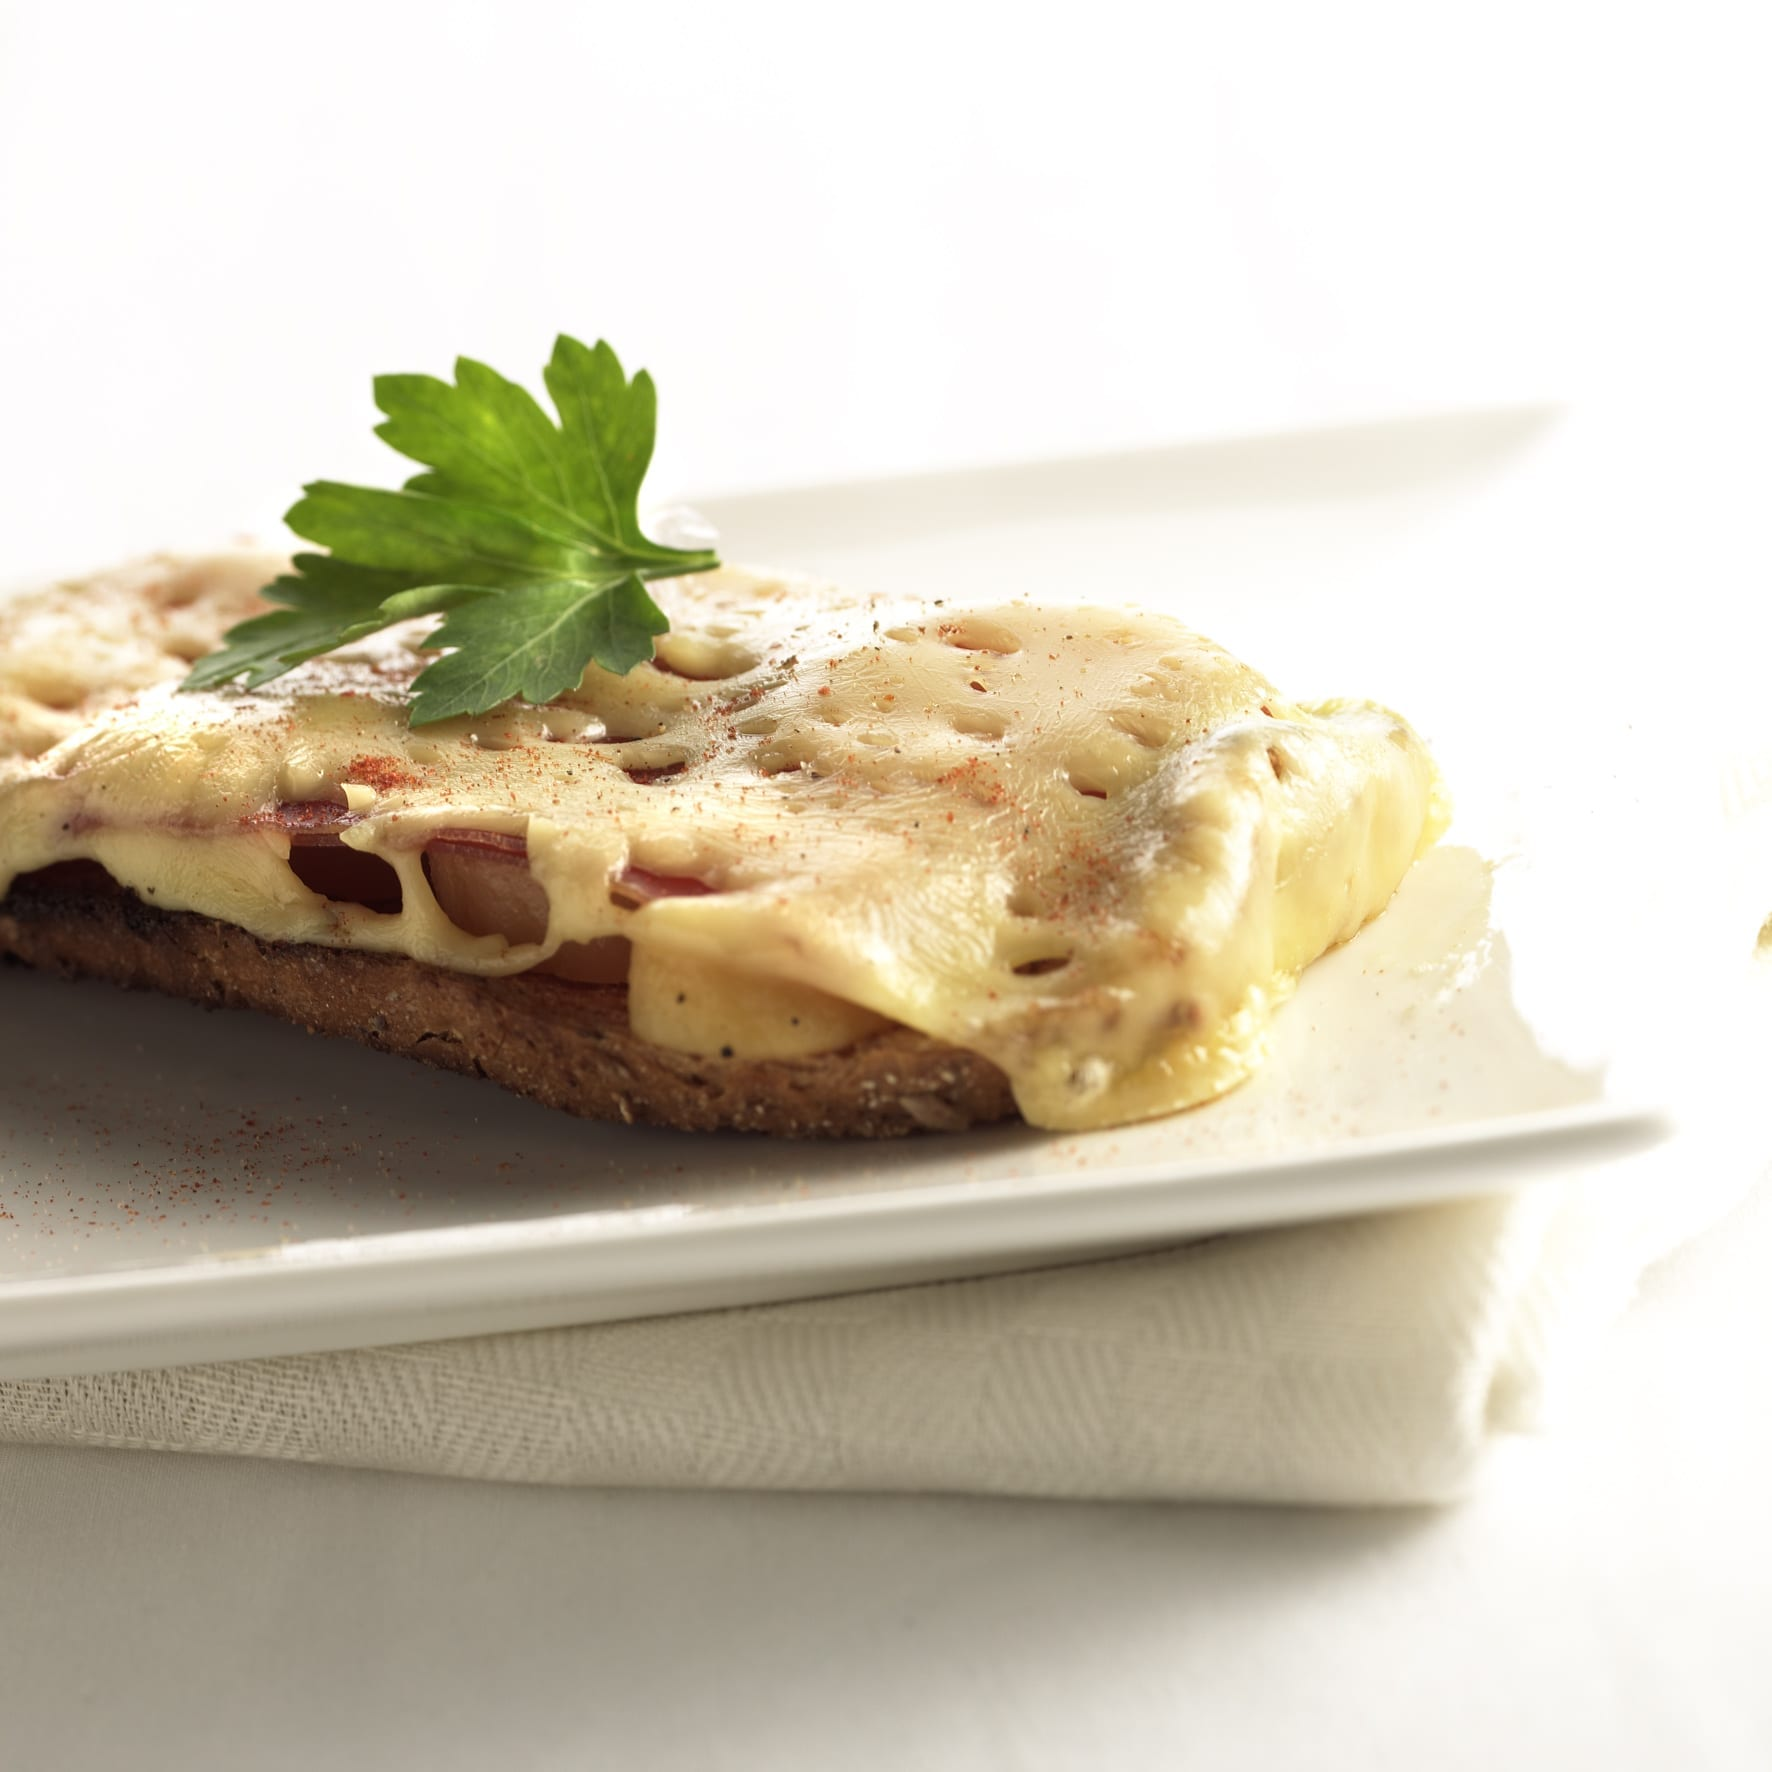 Boerenbrood met tartiflette (Franse specialiteit)